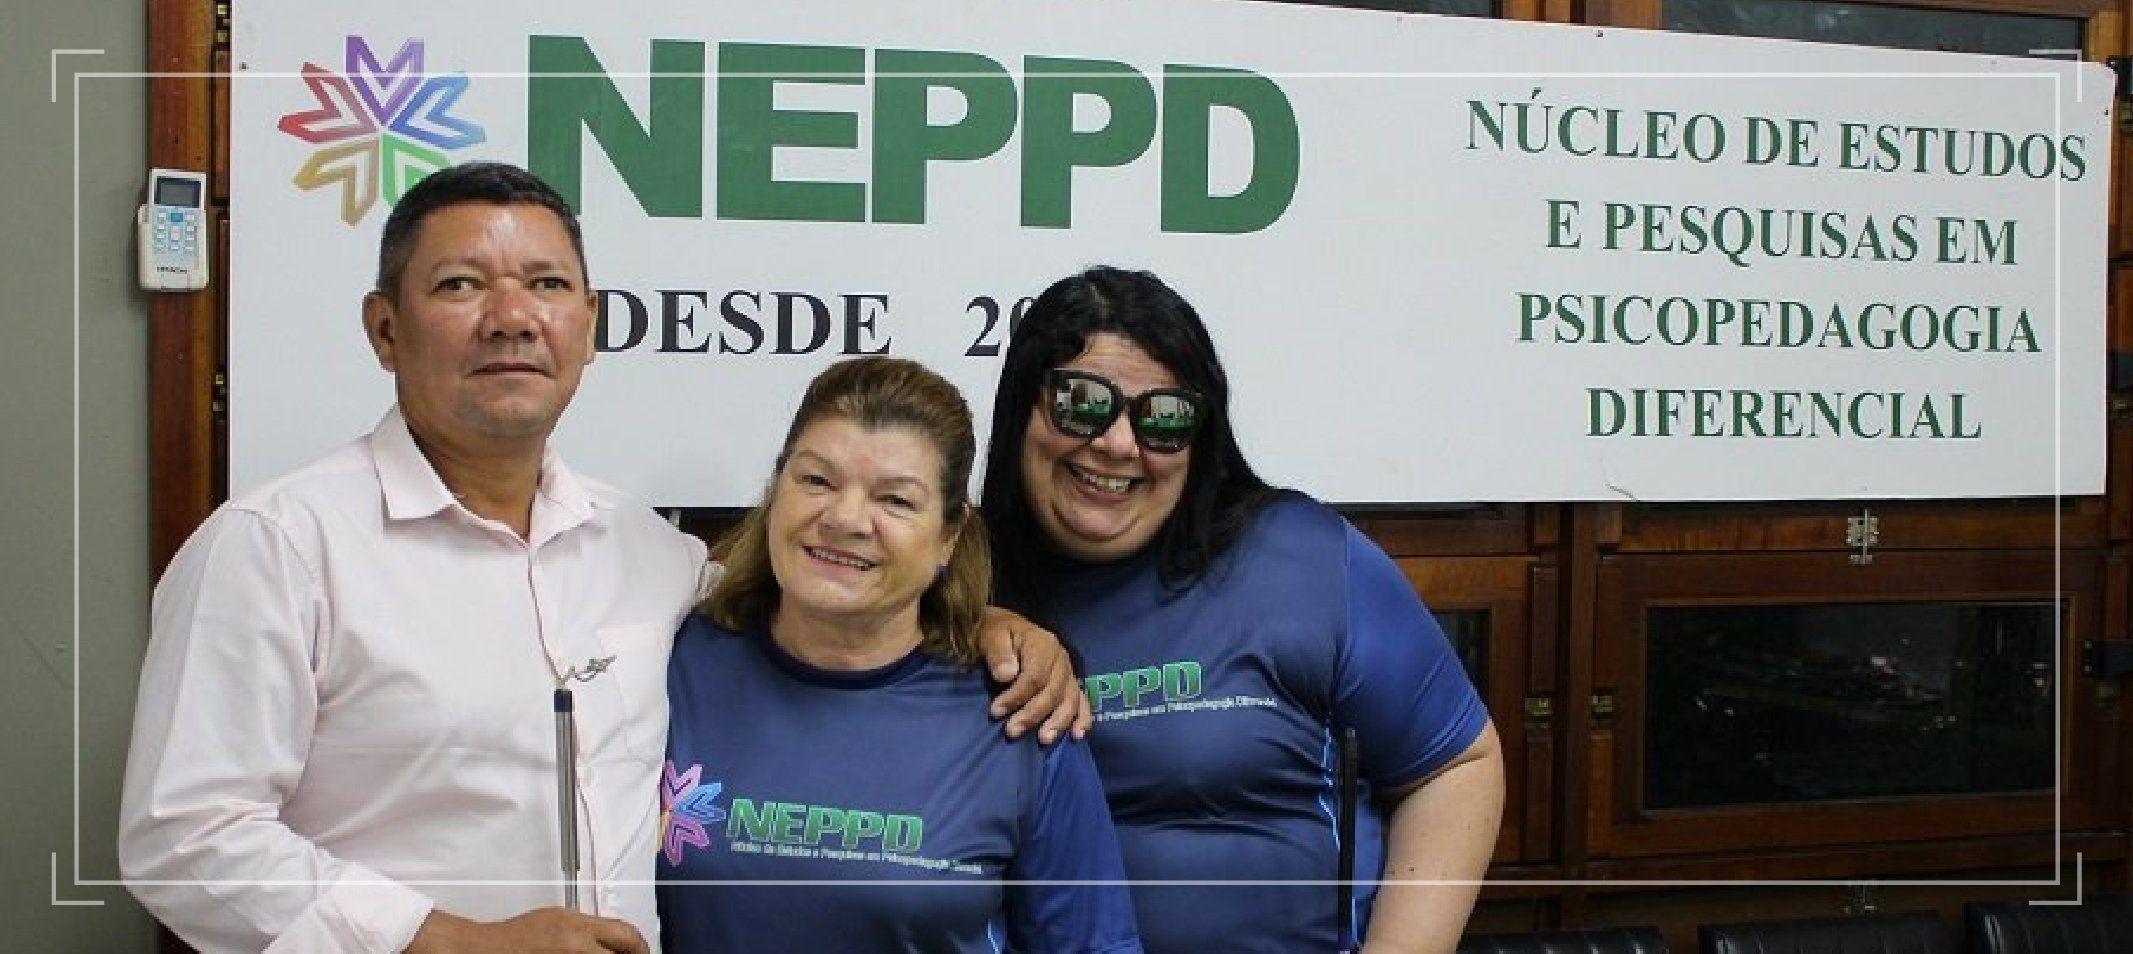 Dois primeiros doutorandos em Educação cegos defendem teses nos dias 11 e 12 de dezembro